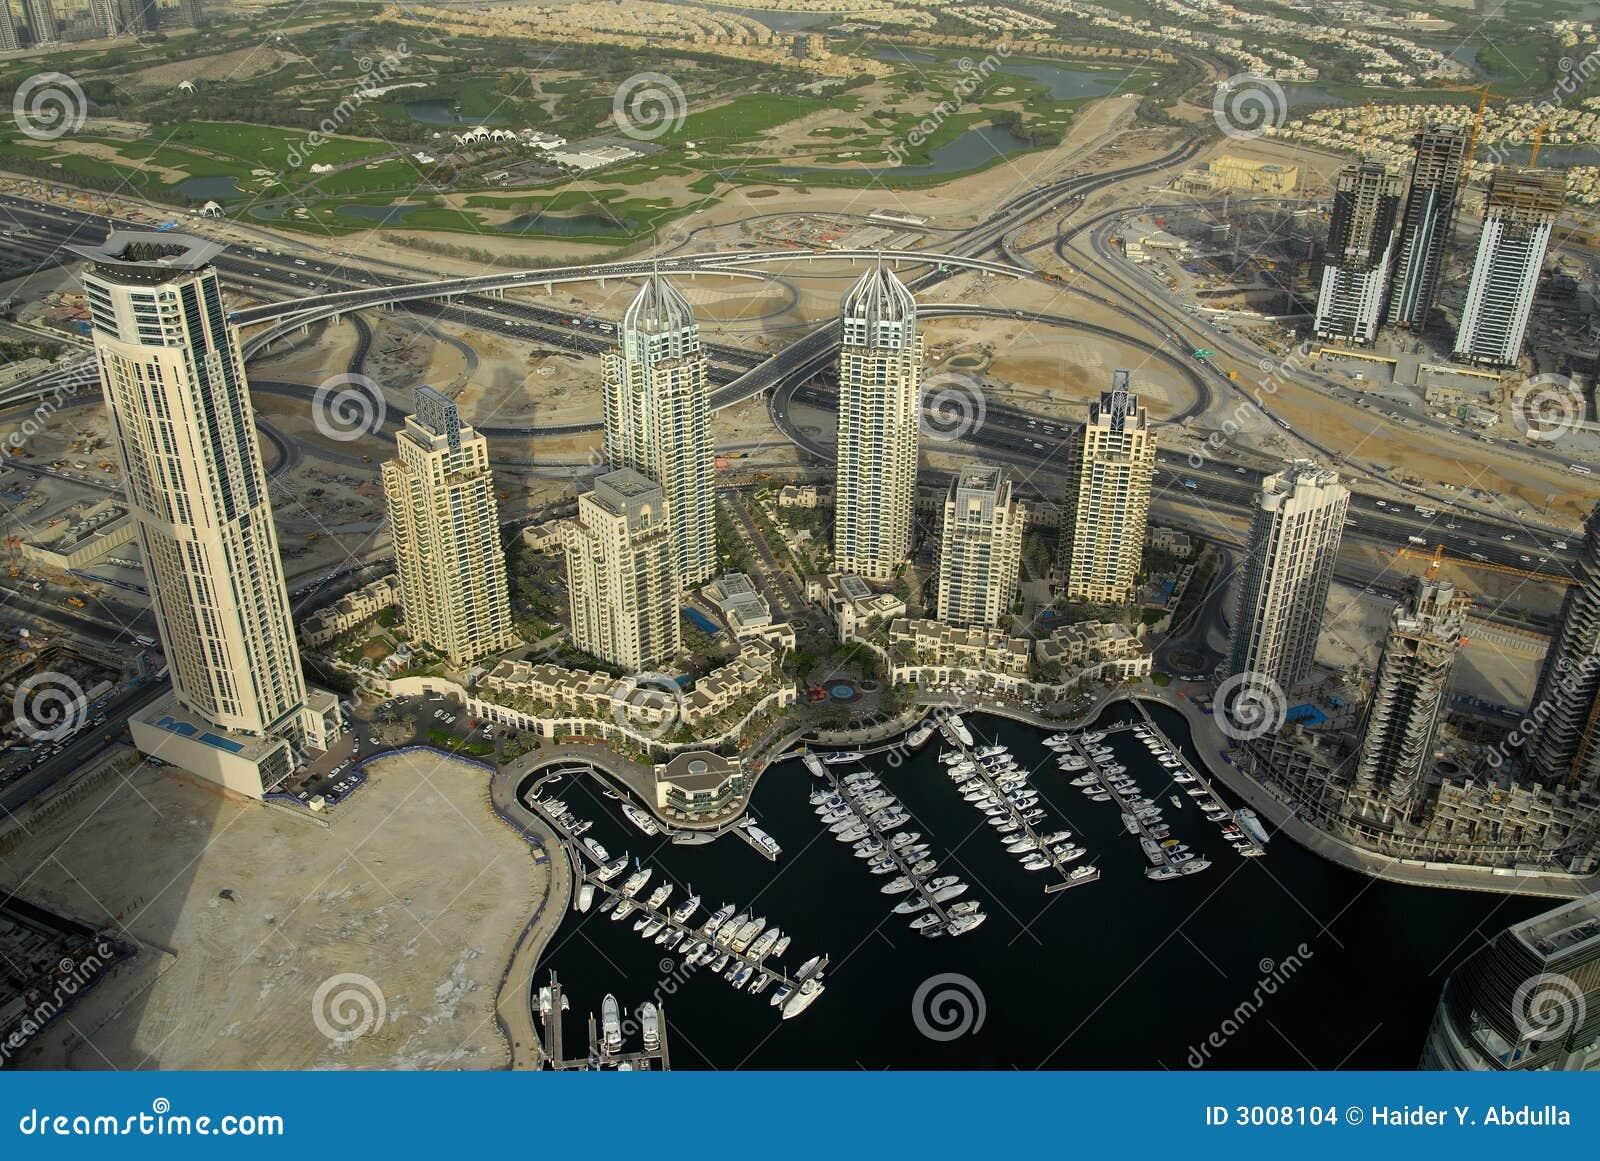 迪拜海滨广场